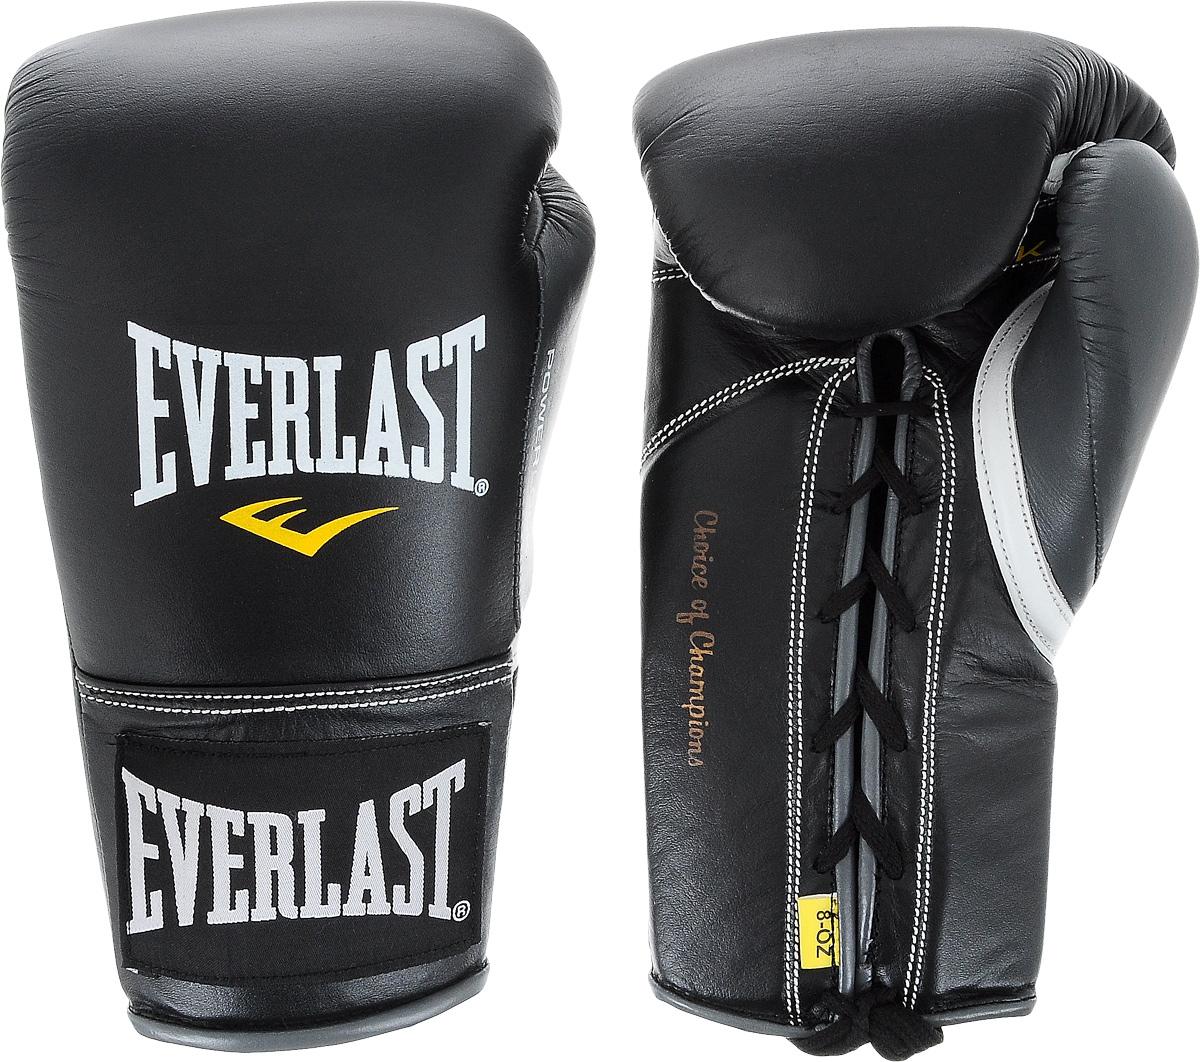 Перчатки боевые Everlast Powerlock, цвет: черный, серый. Вес 8 унций27108070101Боевые перчатки на шнуровке Everlast Powerlock изготавливаются из натуральной кожи премиум класса, выдерживающей длительные нагрузки. Благодаря пенному наполнителю, выложенному по технологии Powerlock, обеспечивается идеальный баланс между силой удара и защитой от травм. Эргономический дизайн перчатки позволяет руке принимать правильную и удобную форму кулака, делая удар быстрым и безопасным одновременно. Предназначены для профессиональных боев.